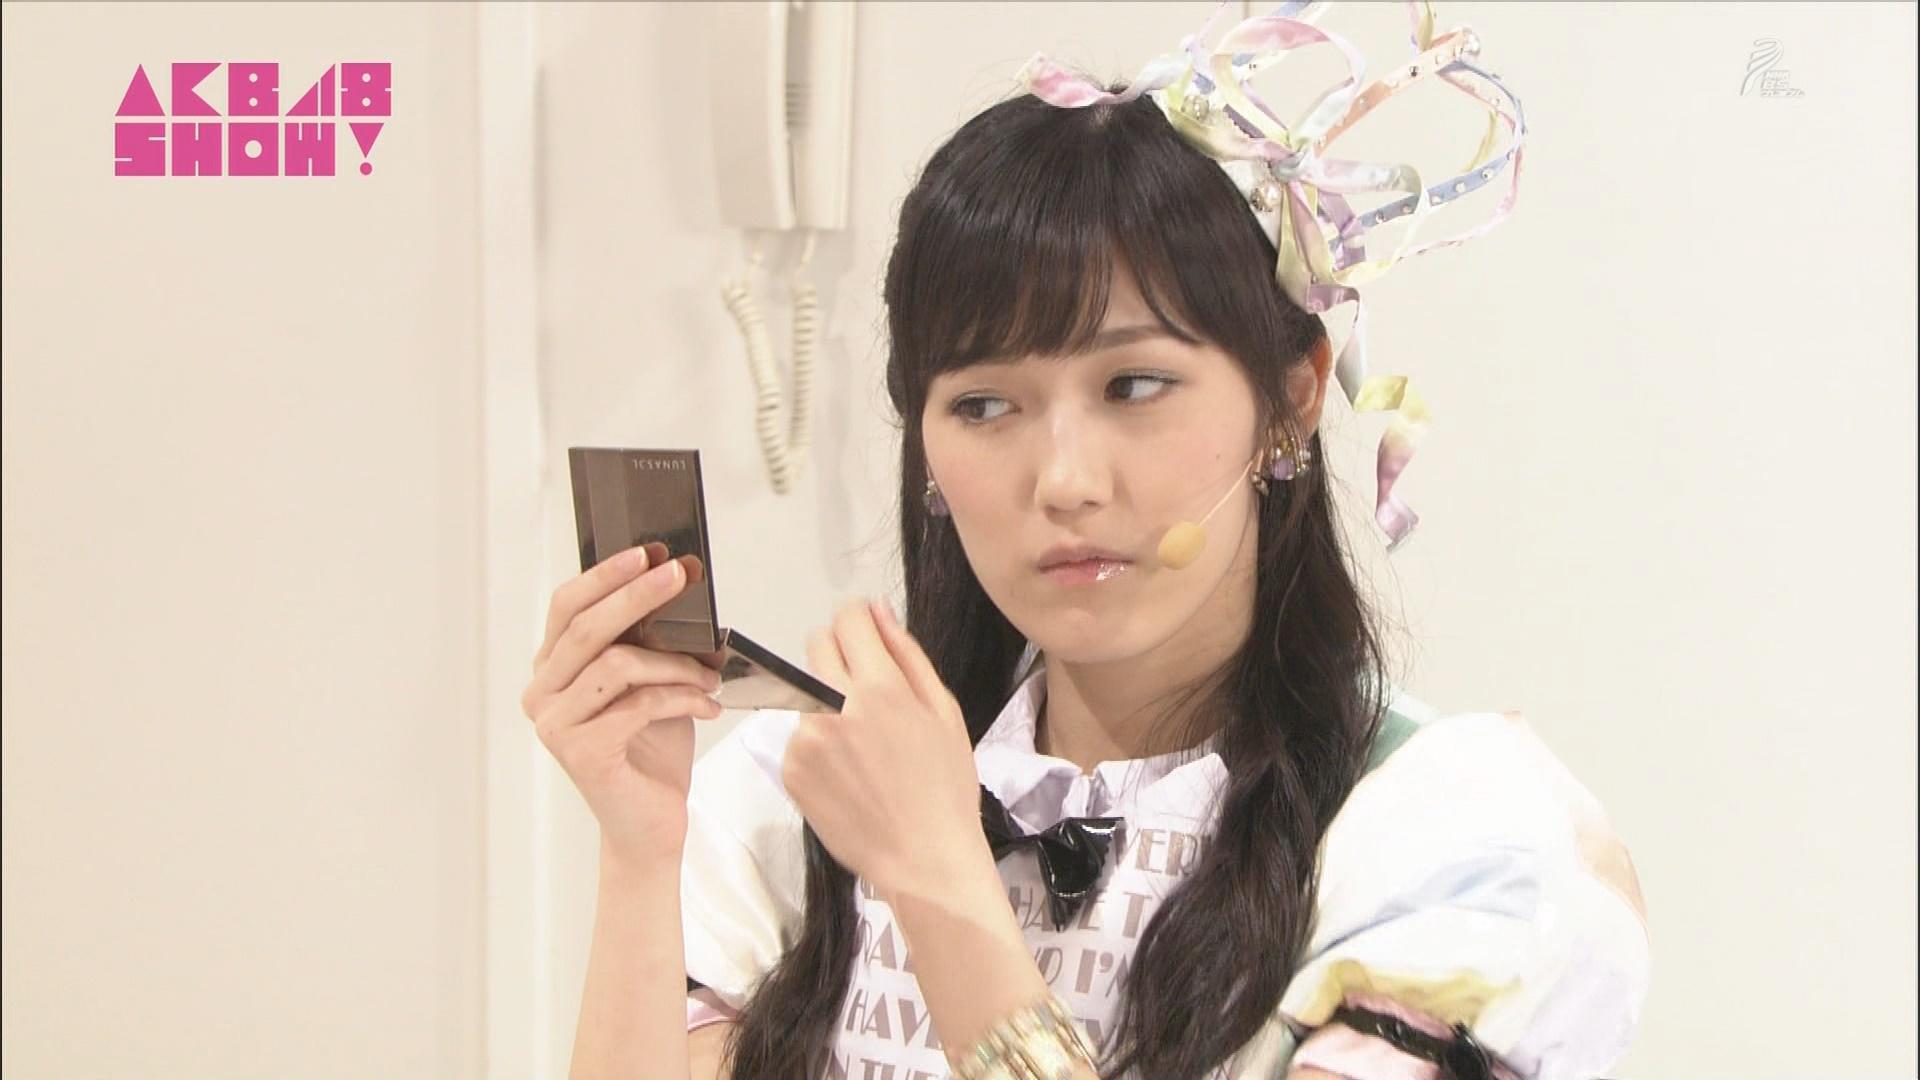 AKB48SHOW 心のプラカード 渡辺麻友 20140830 (3)